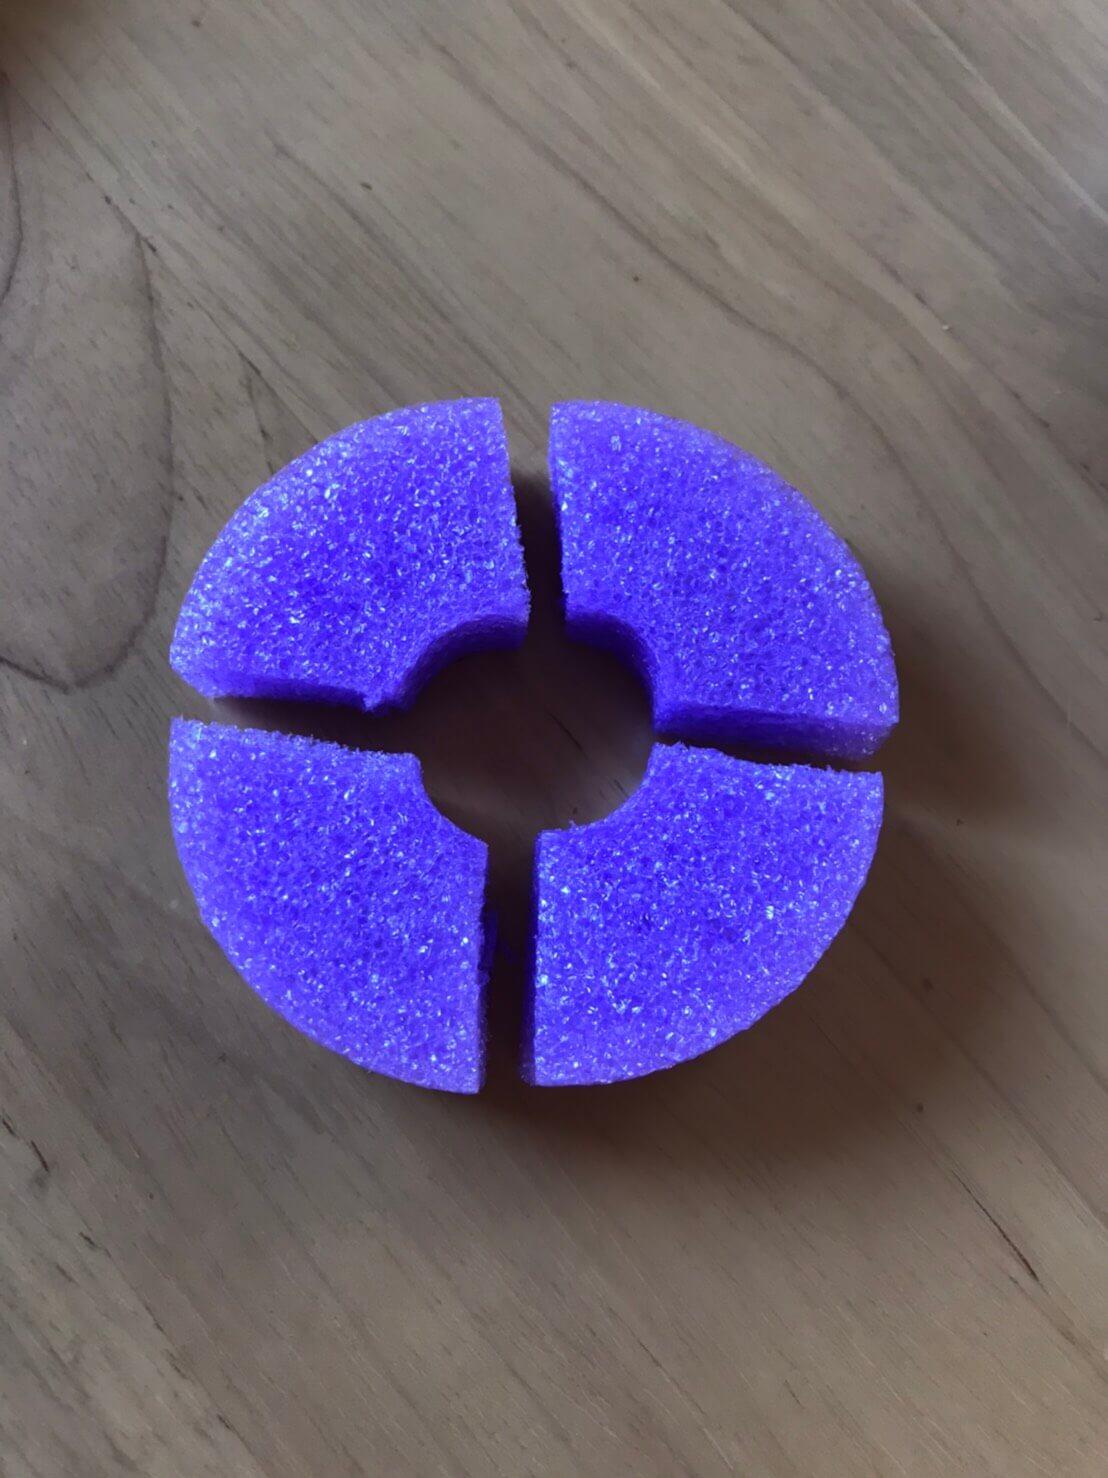 メダカの産卵床の作り方(ころたまボール)